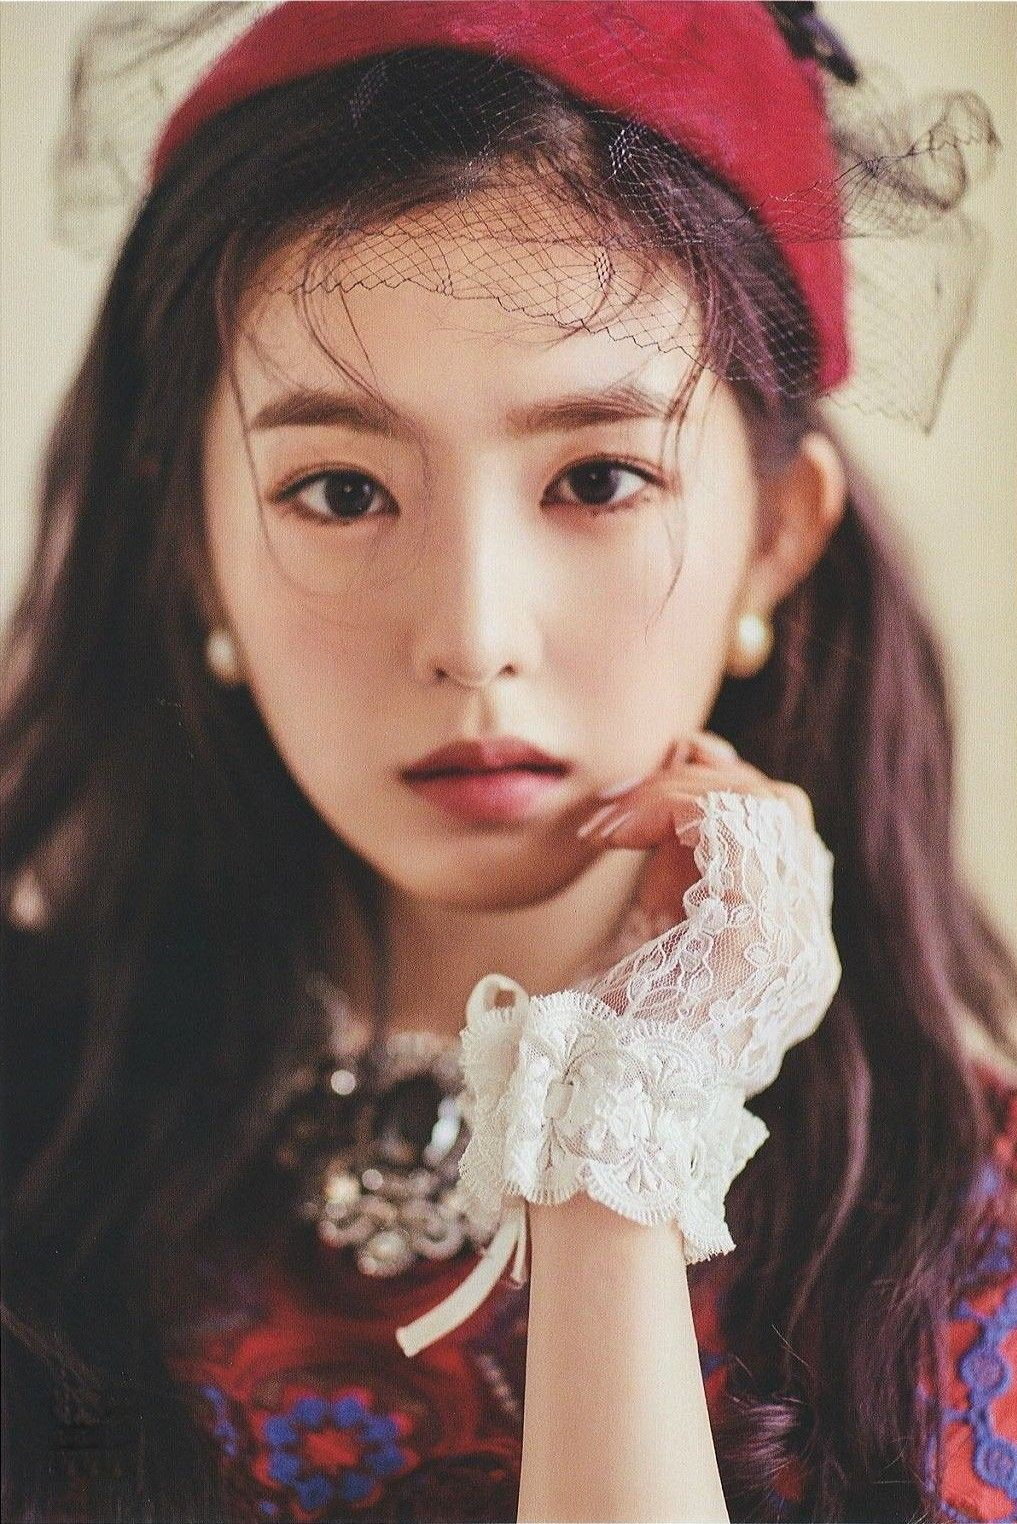 Dispatch phát hiện điểm chung không lạ nhưng ít ai để ý của 2 nữ idol đẳng cấp nữ thần hot nhất xứ Hàn Suzy và Irene - Ảnh 11.